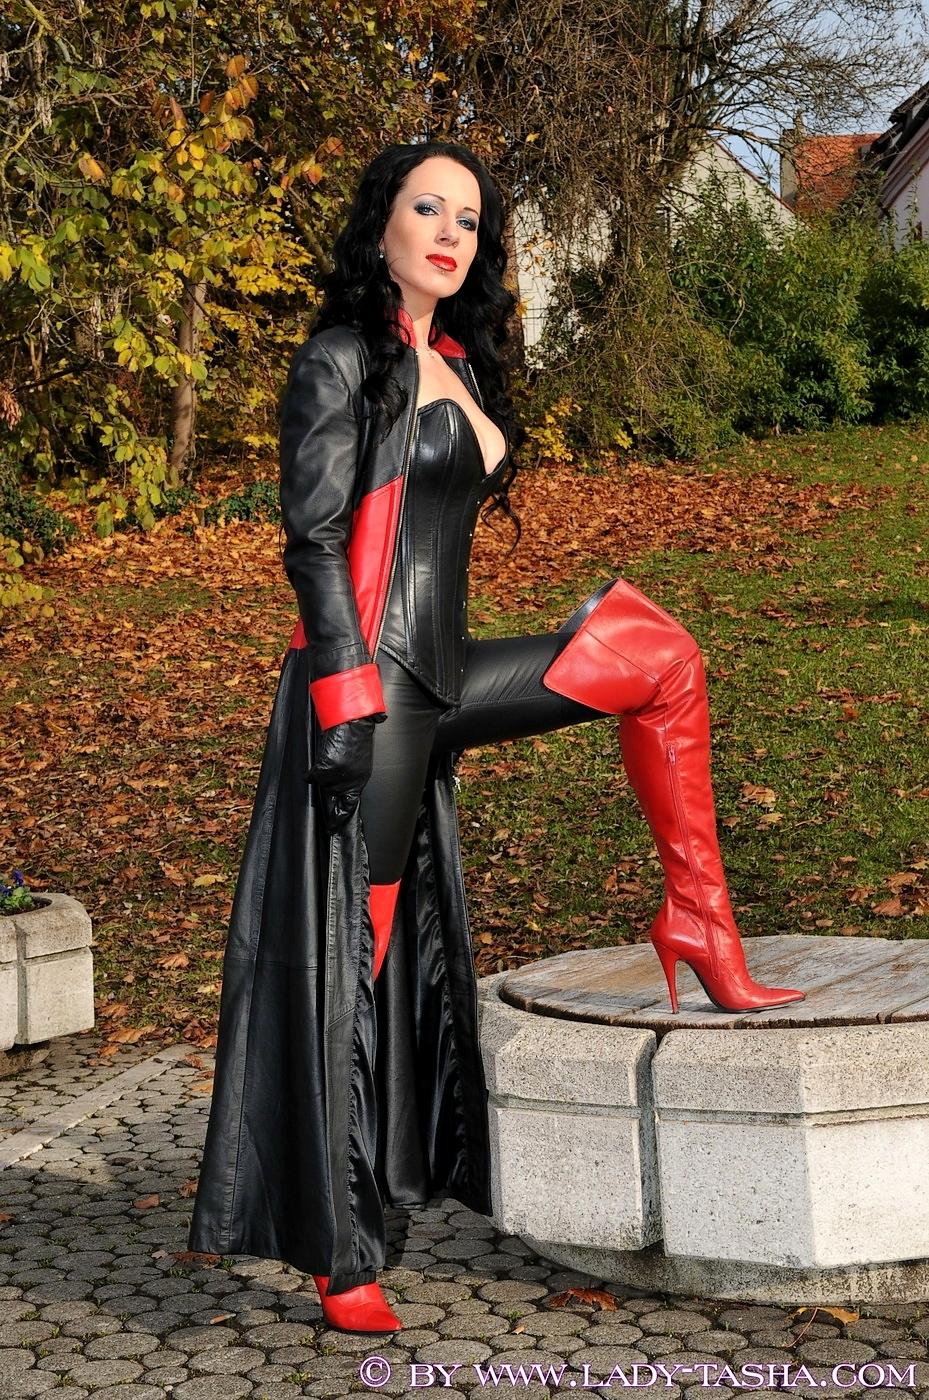 Neues von Lady Tasha - Seite 62 - Leather Forum